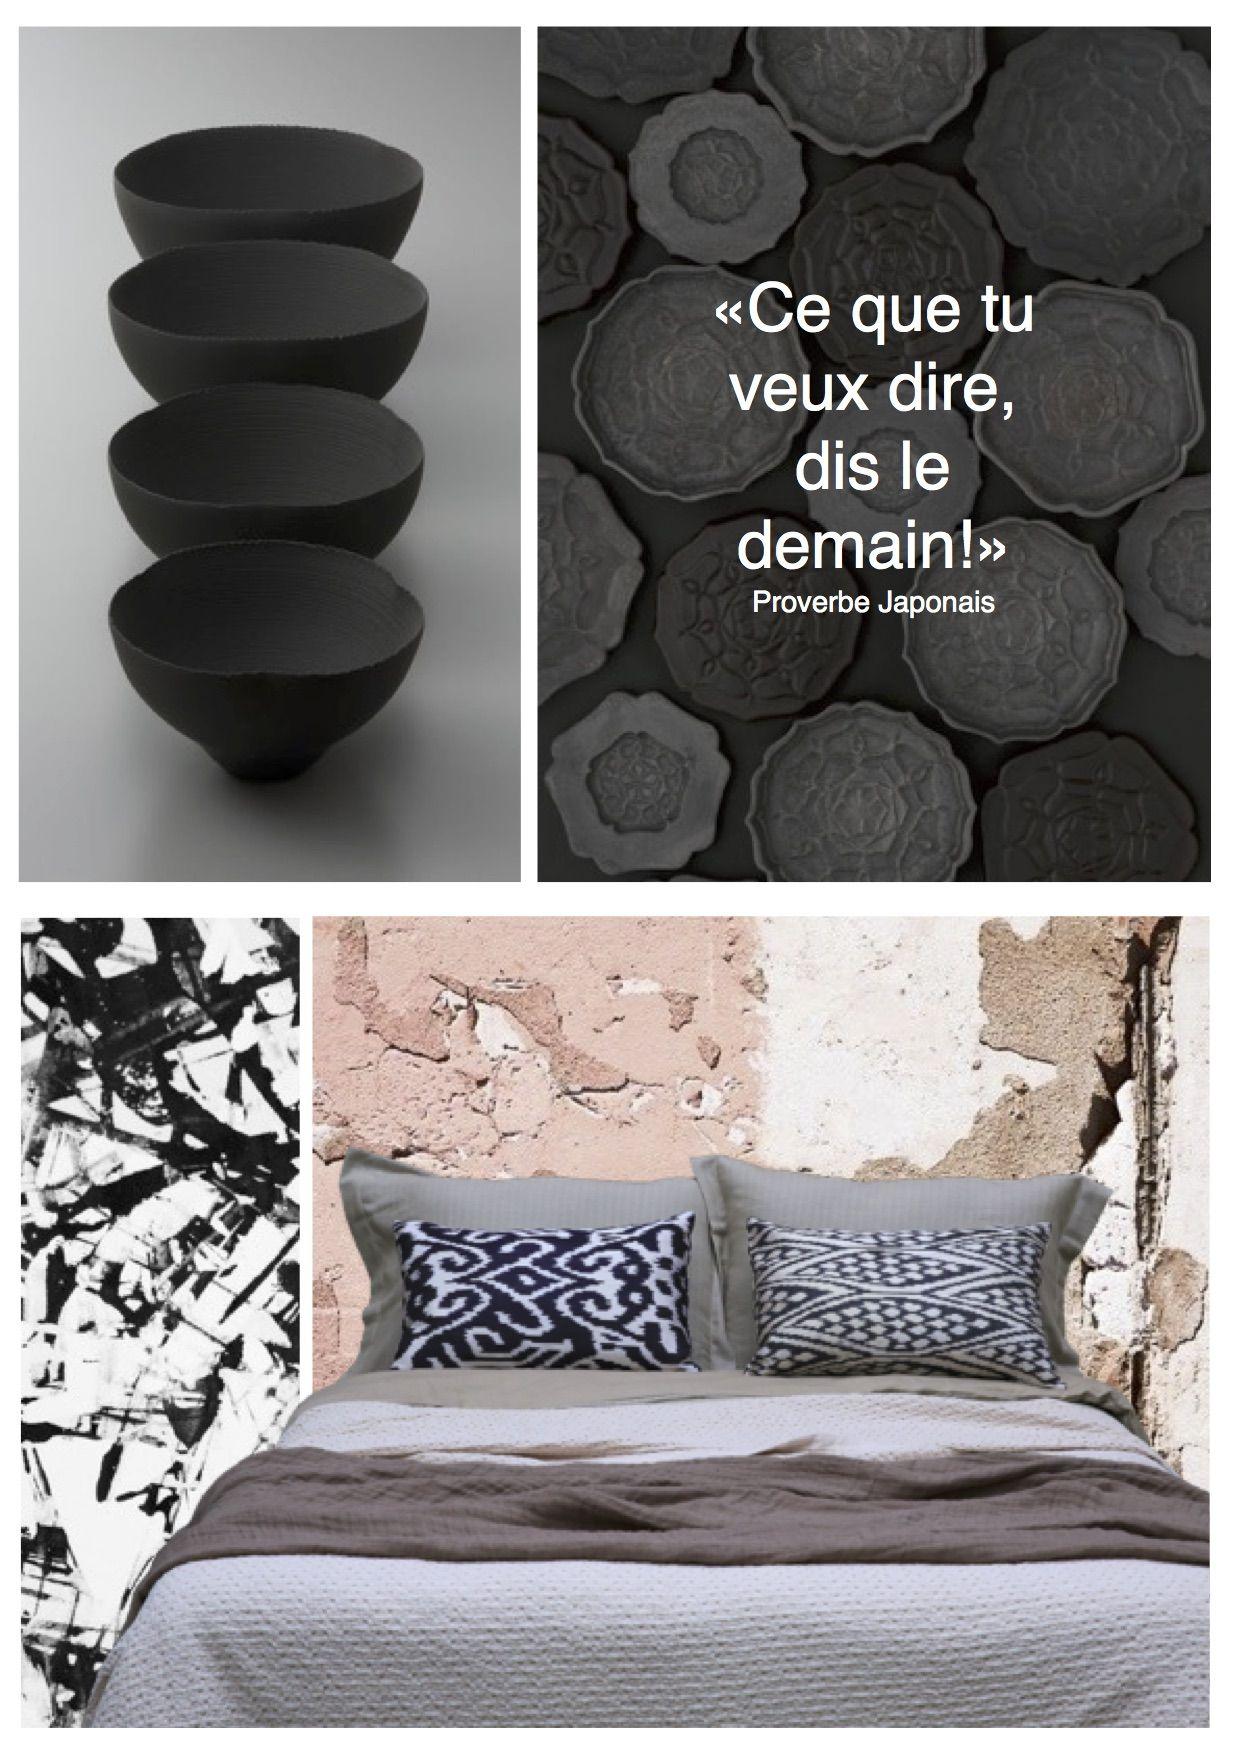 coussin linge de lit INSPIRATION JAPONAISE Coussins en Ikat de soie, modèles  coussin linge de lit